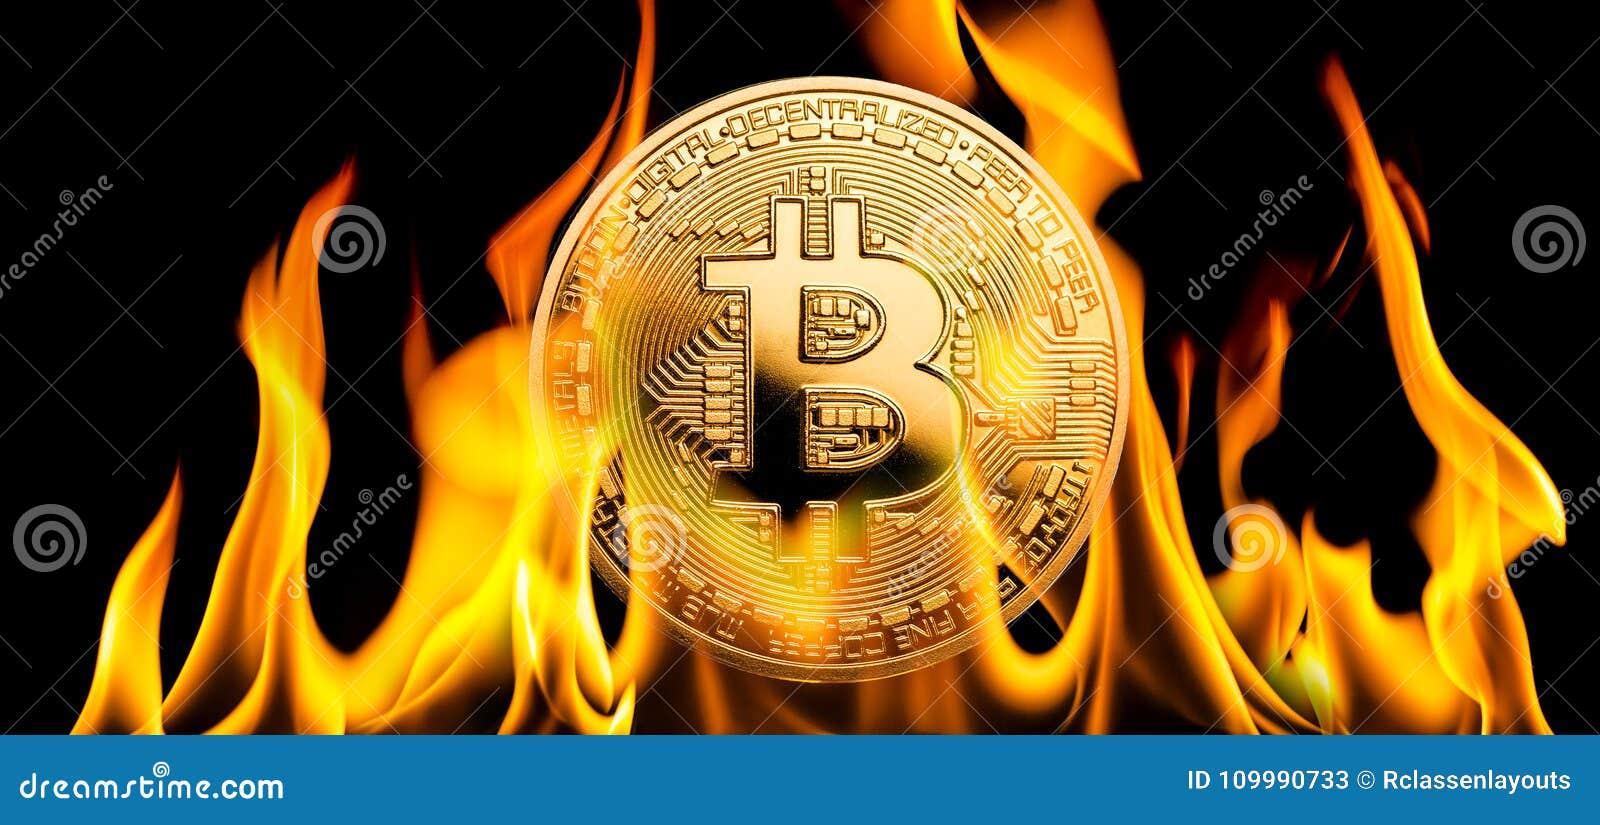 Bitcoin - BTC-cryptocurrencygeld het branden in vlammen